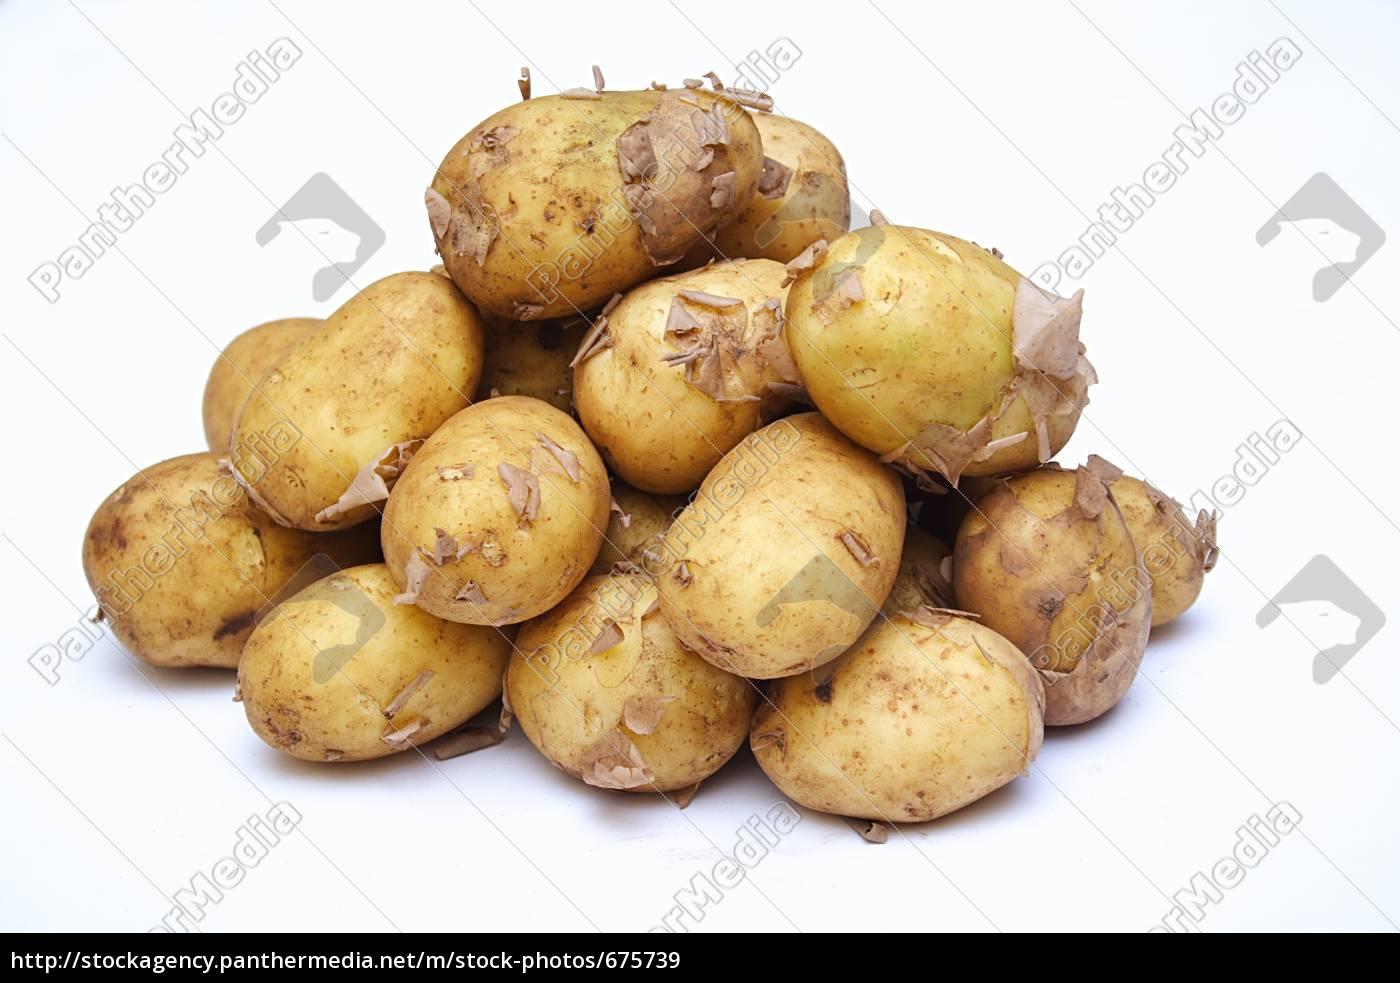 heurige, potatoes - 675739